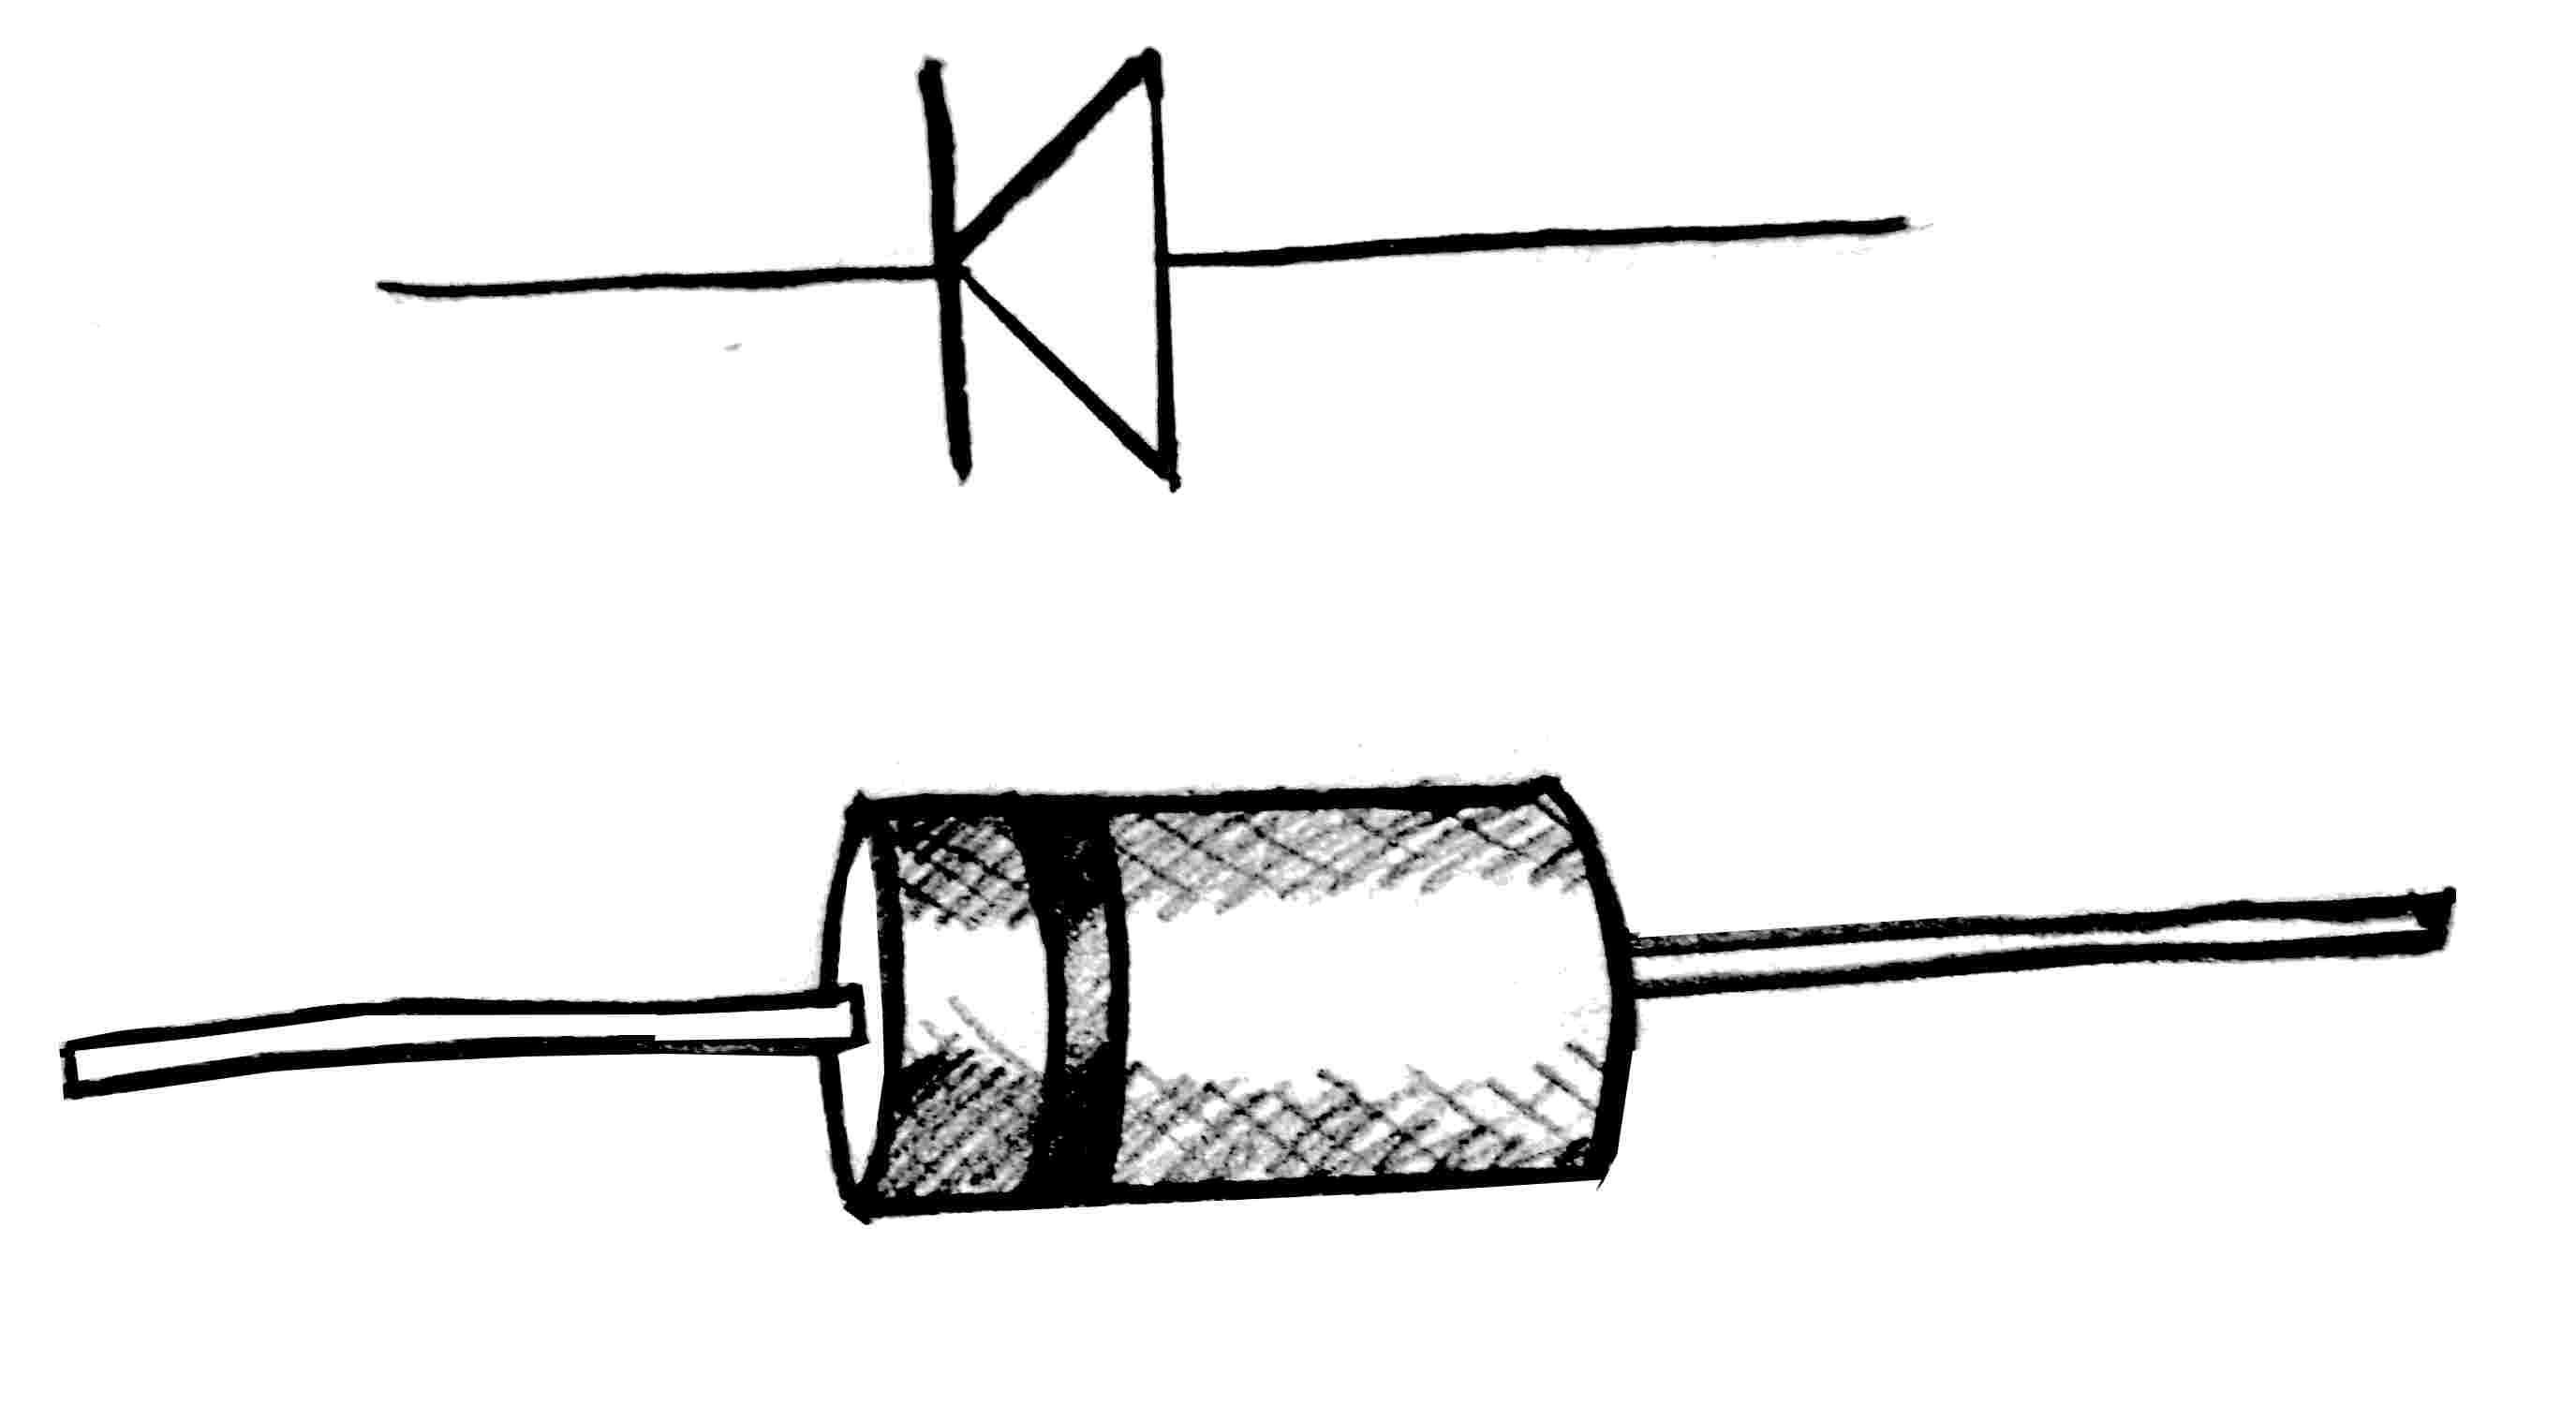 led and symbol